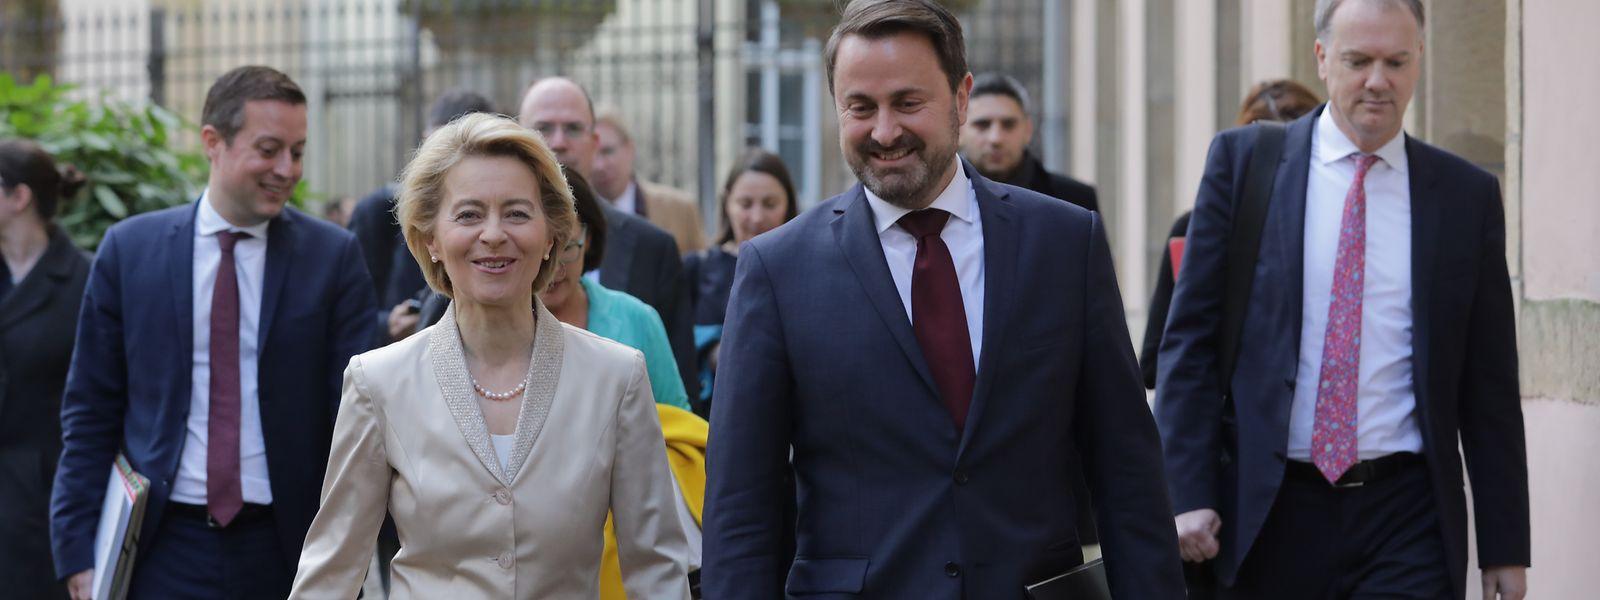 EU-Kommissionspräsidentin Ursula von der Leyen und Premierminister Xavier Bettel auf dem Weg zur gemeinsamen Pressekonferenz.